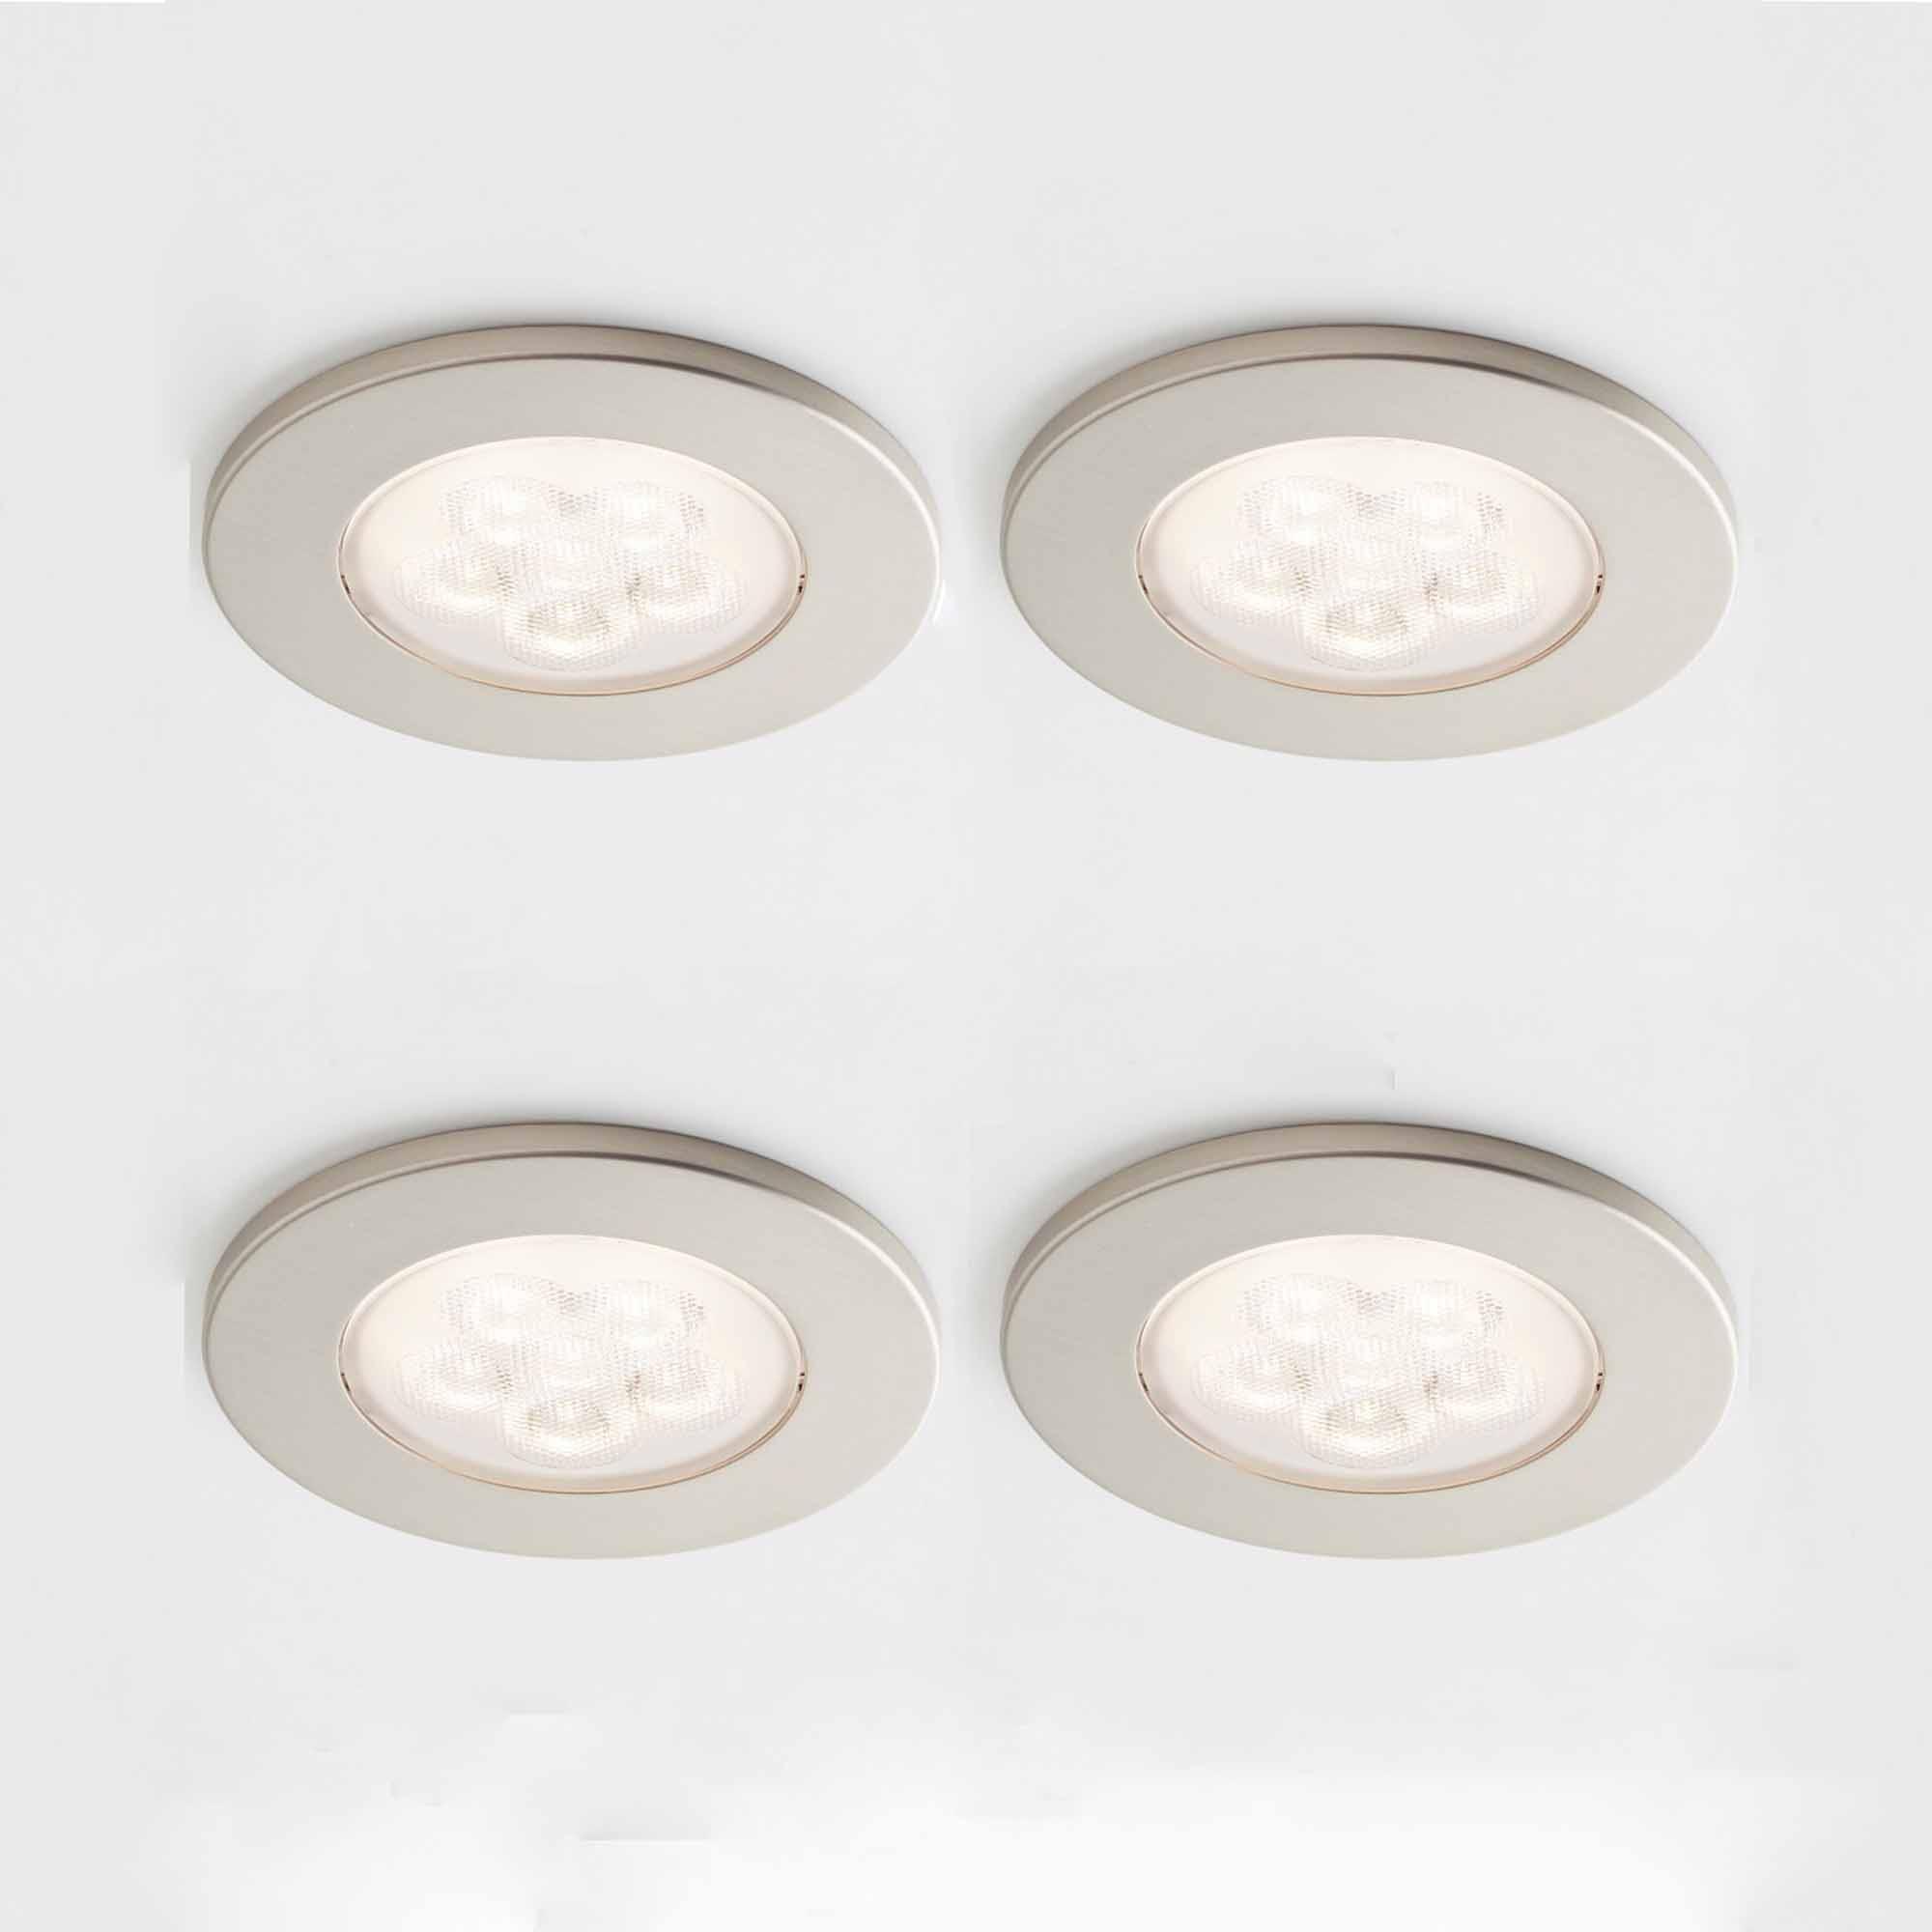 Pakketilbud med 4 stk LED Møbelspot og driver | Illuminor as